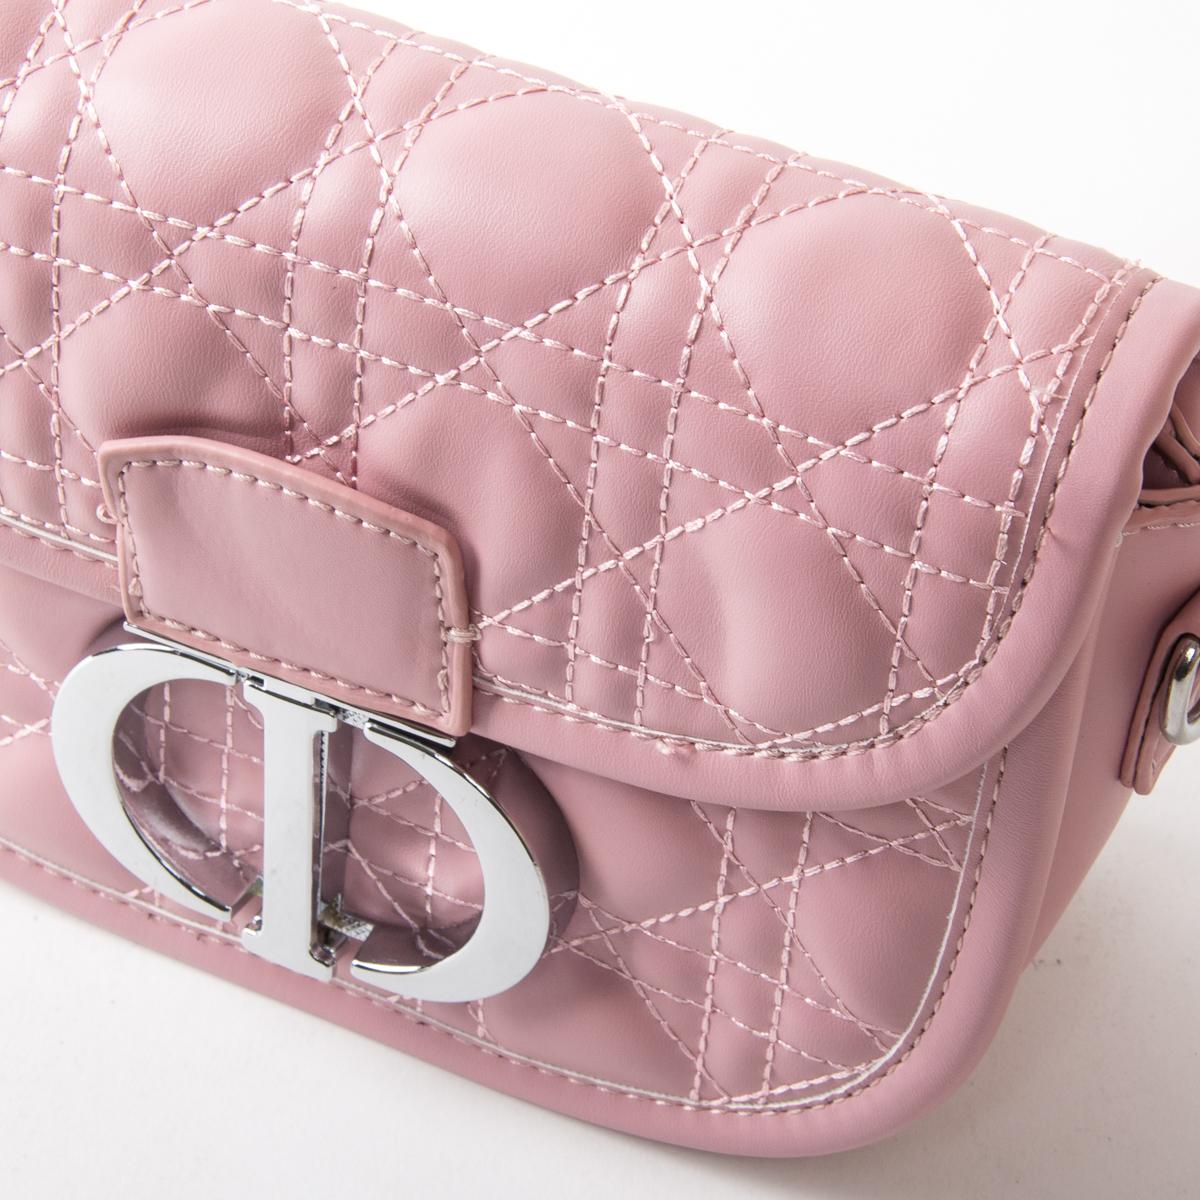 Сумка Женская Классическая иск-кожа FASHION 01-04 7117 pink - фото 3